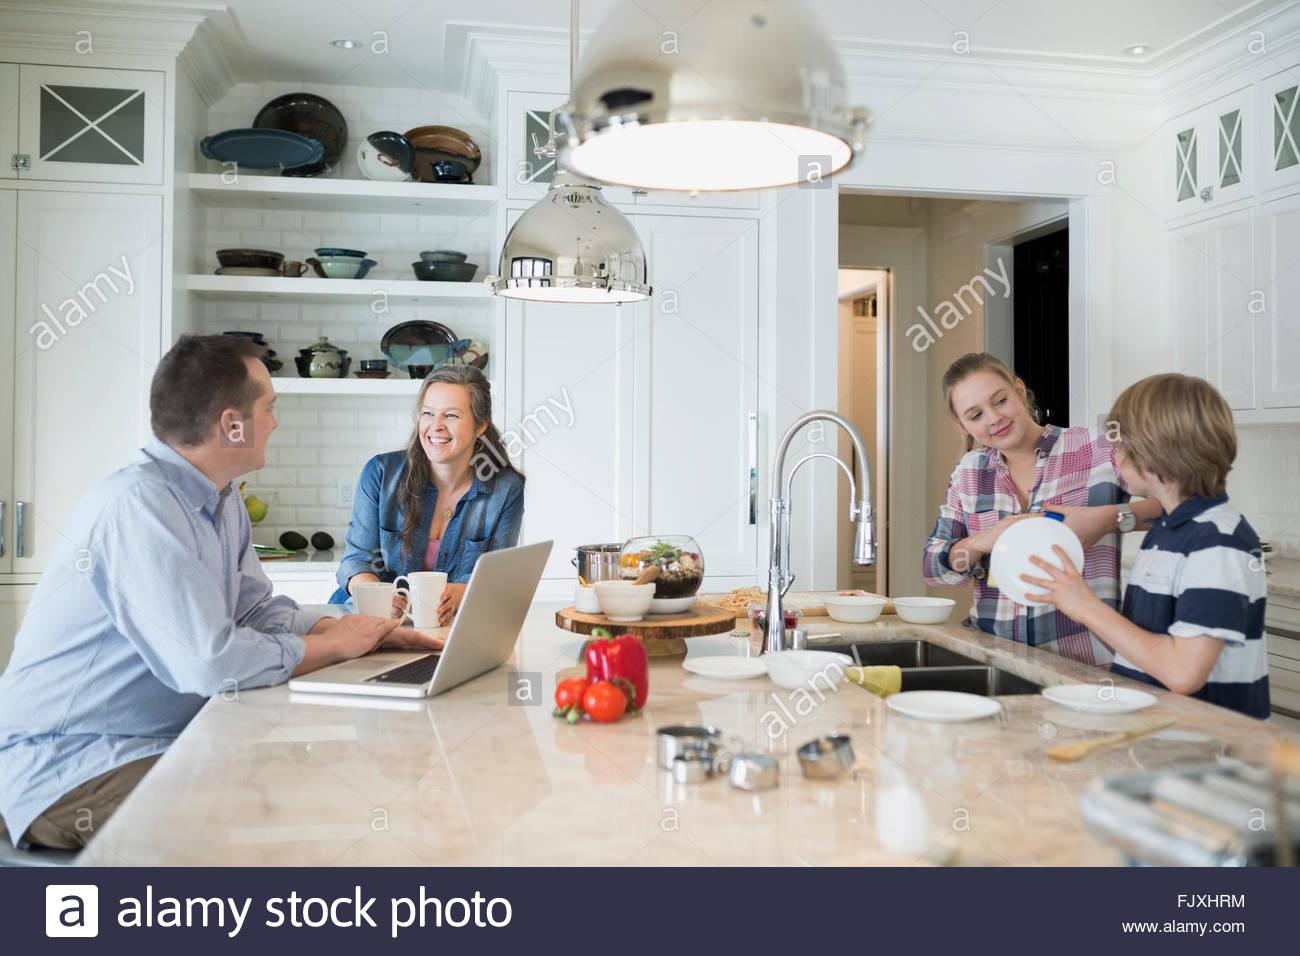 Hermano y hermana, lavar los platos mientras los padres hablan Imagen De Stock